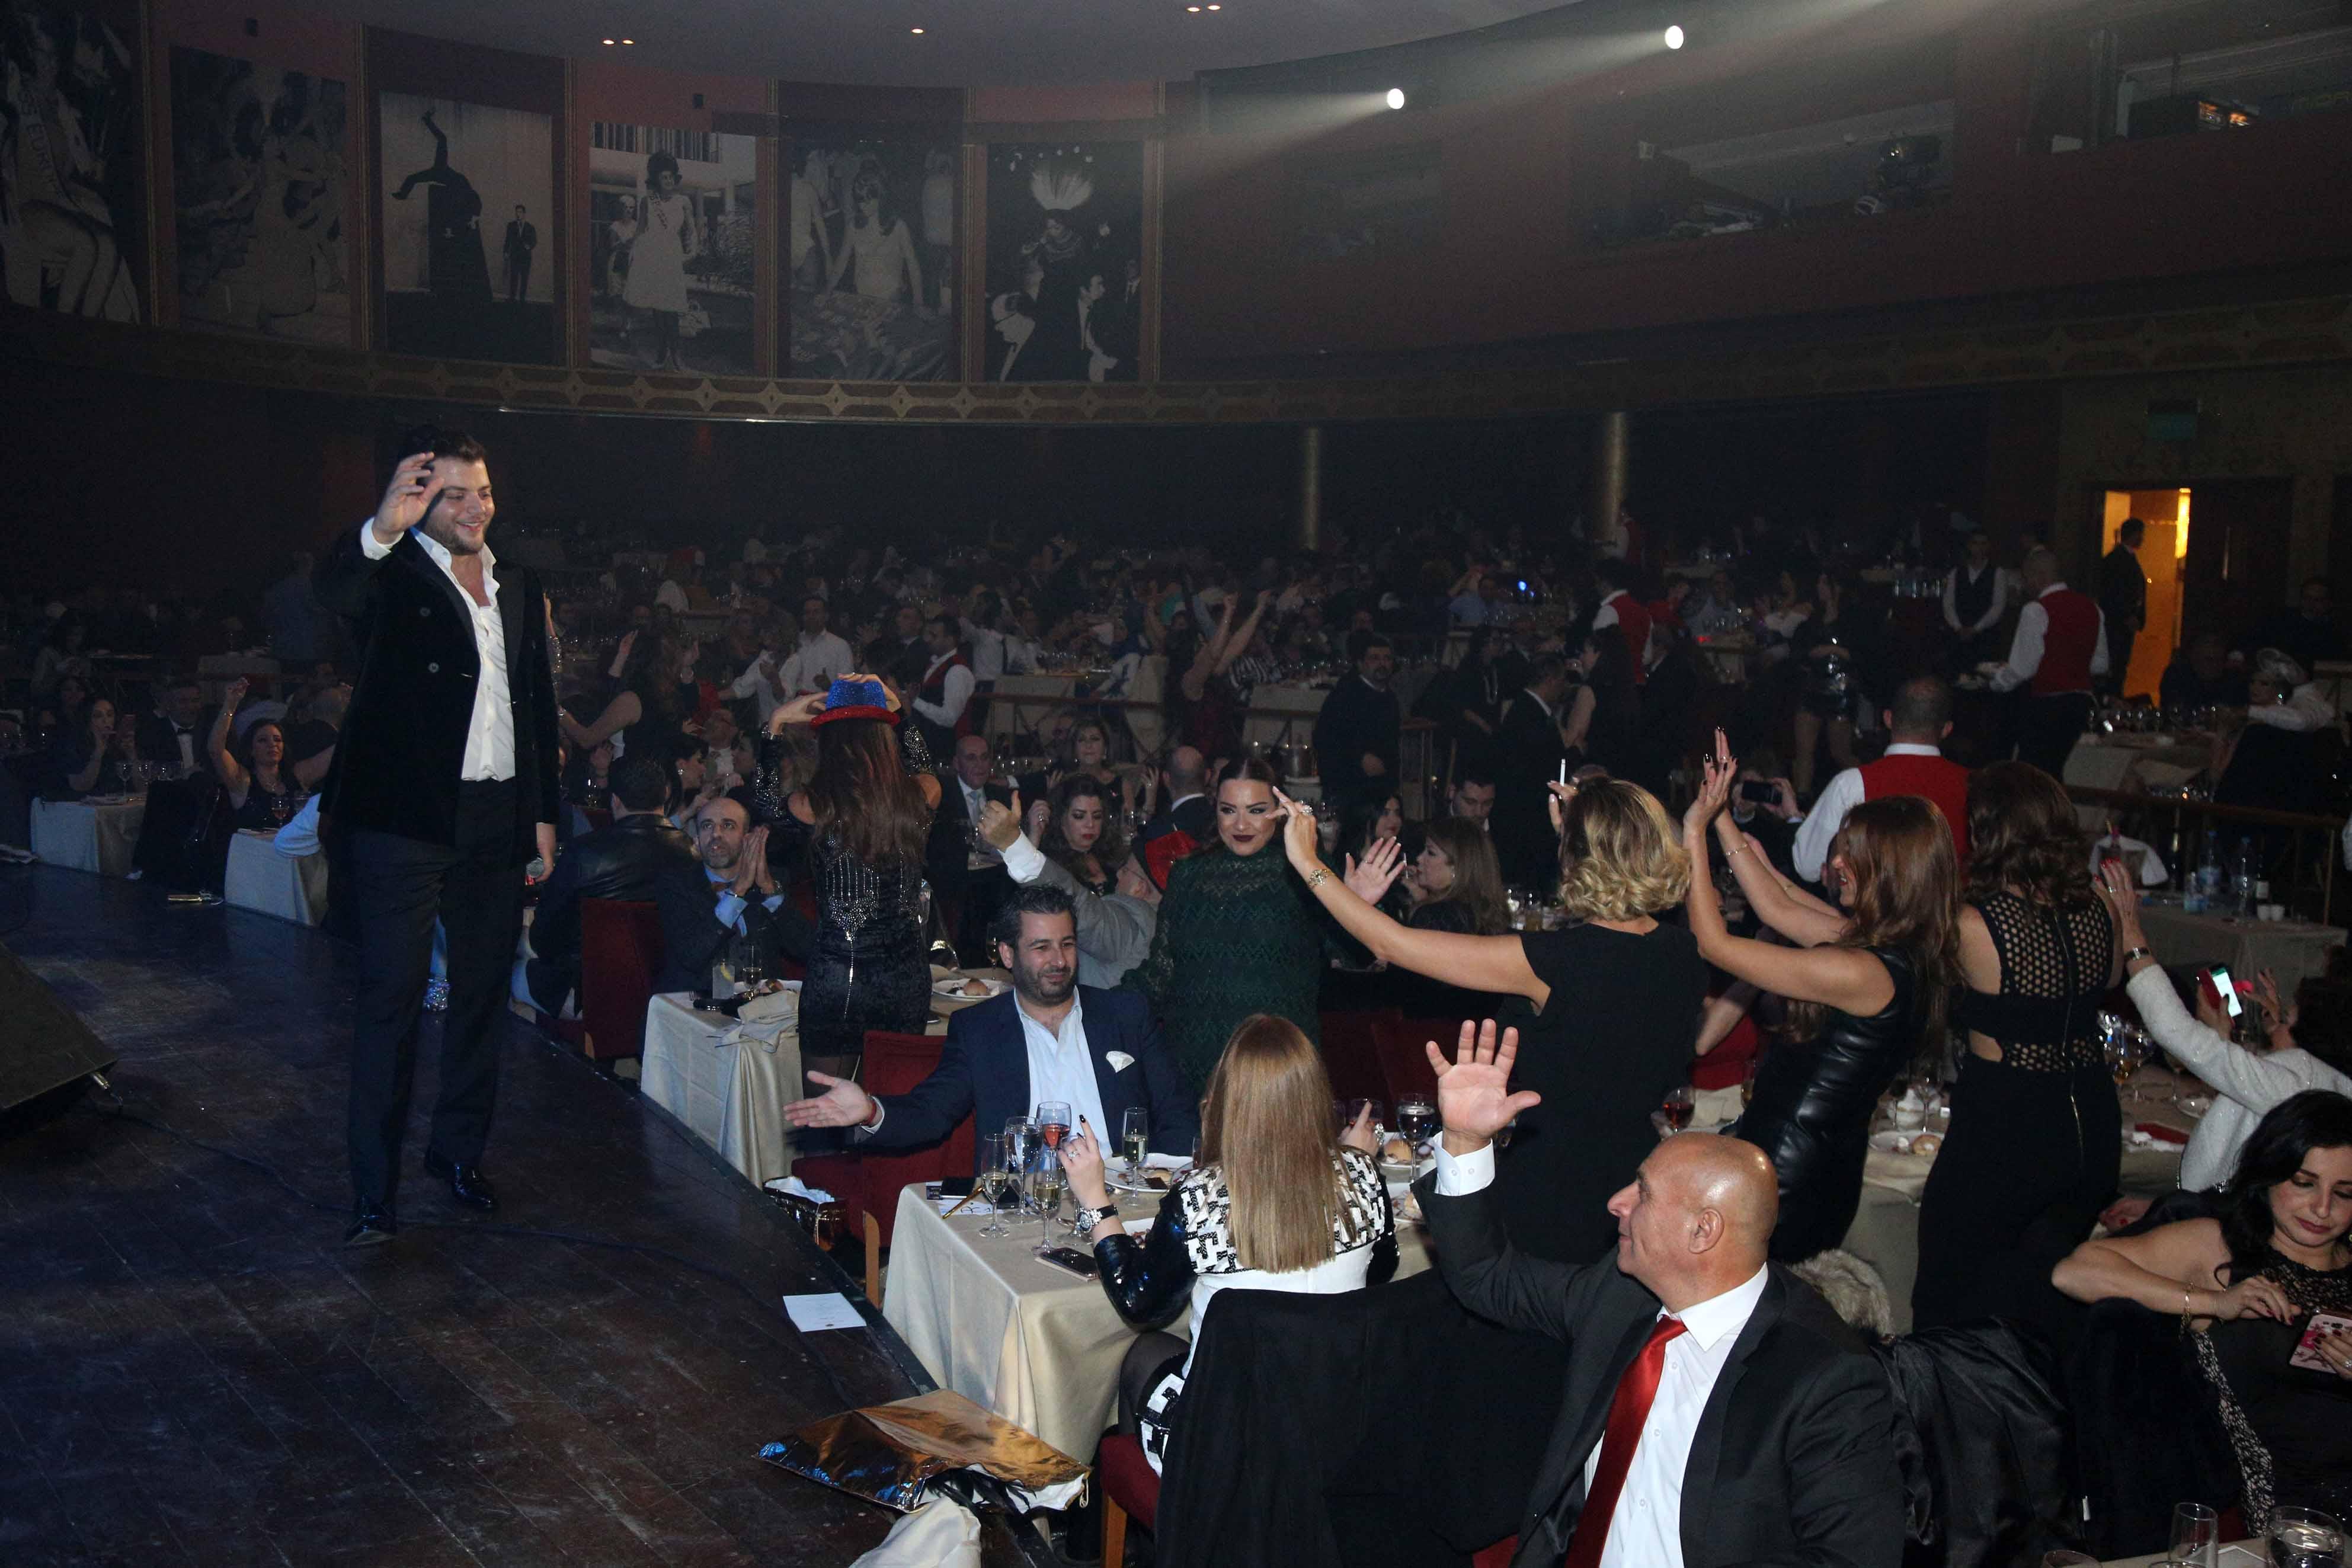 صورة النجم عامر زيان أحيى أقوى حفلات رأس السنة في كازينو لبنان